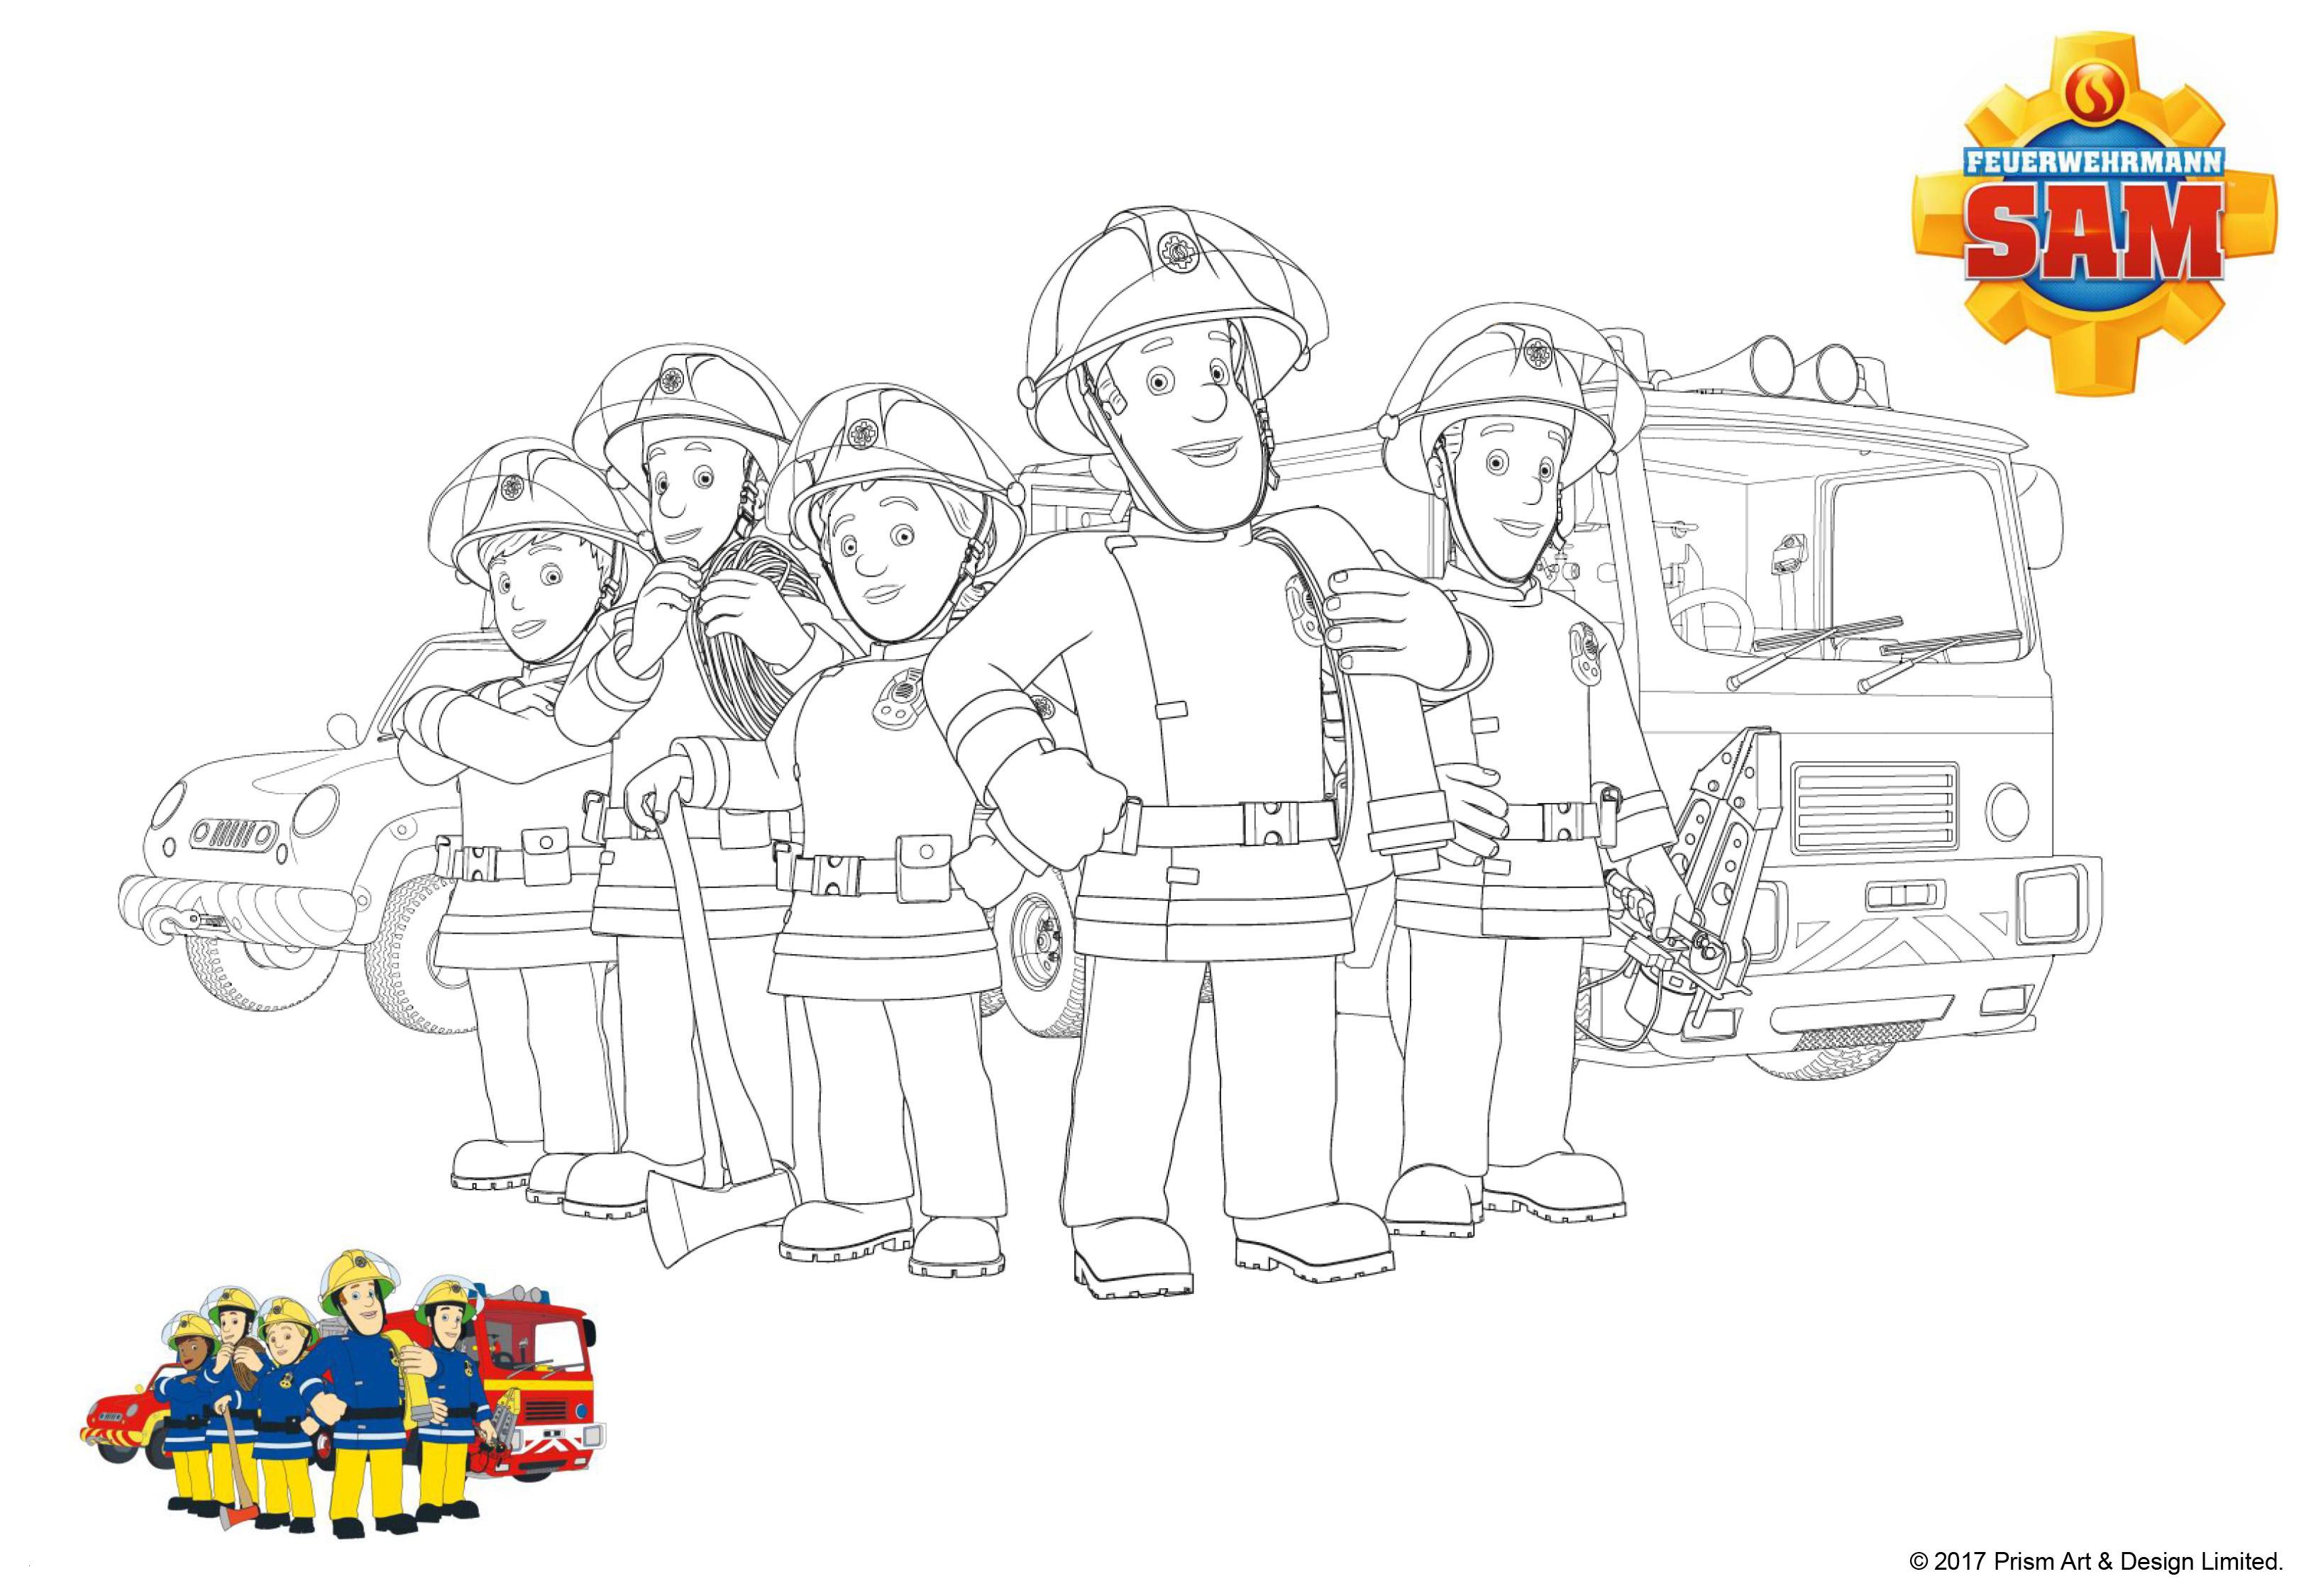 Feuerwehrmann Sam Ausmalbilder Zum Ausdrucken Das Beste Von 40 Ausmalbilder Sam Der Feuerwehrmann forstergallery Bild